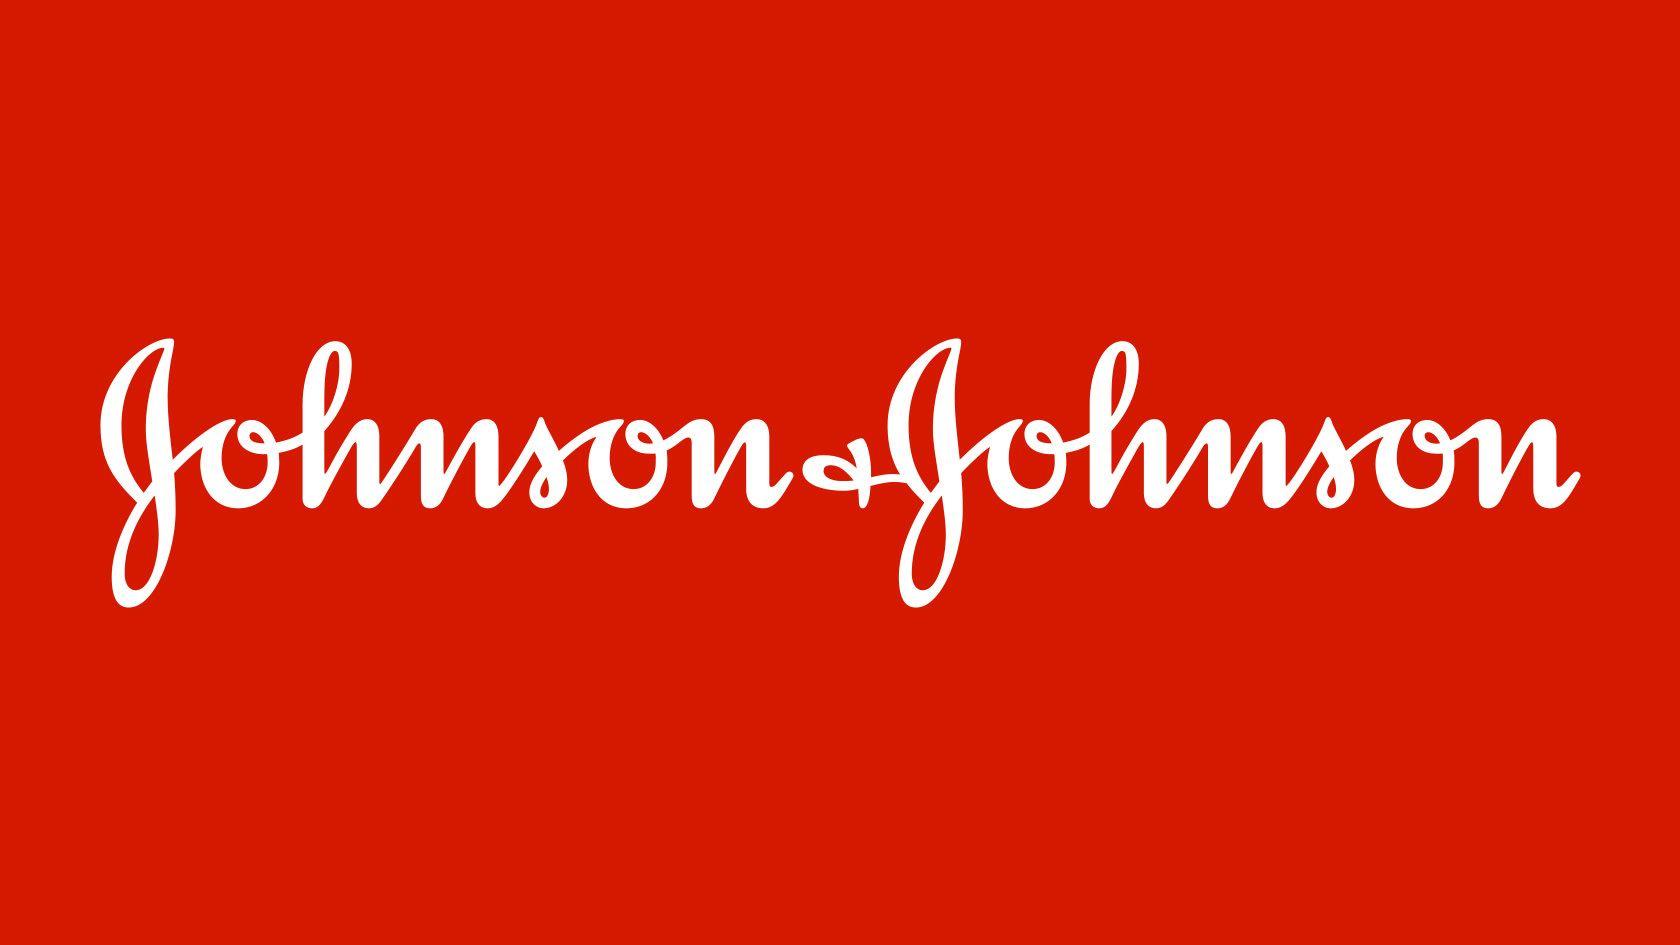 Promoção Johnson & Johnson 2020